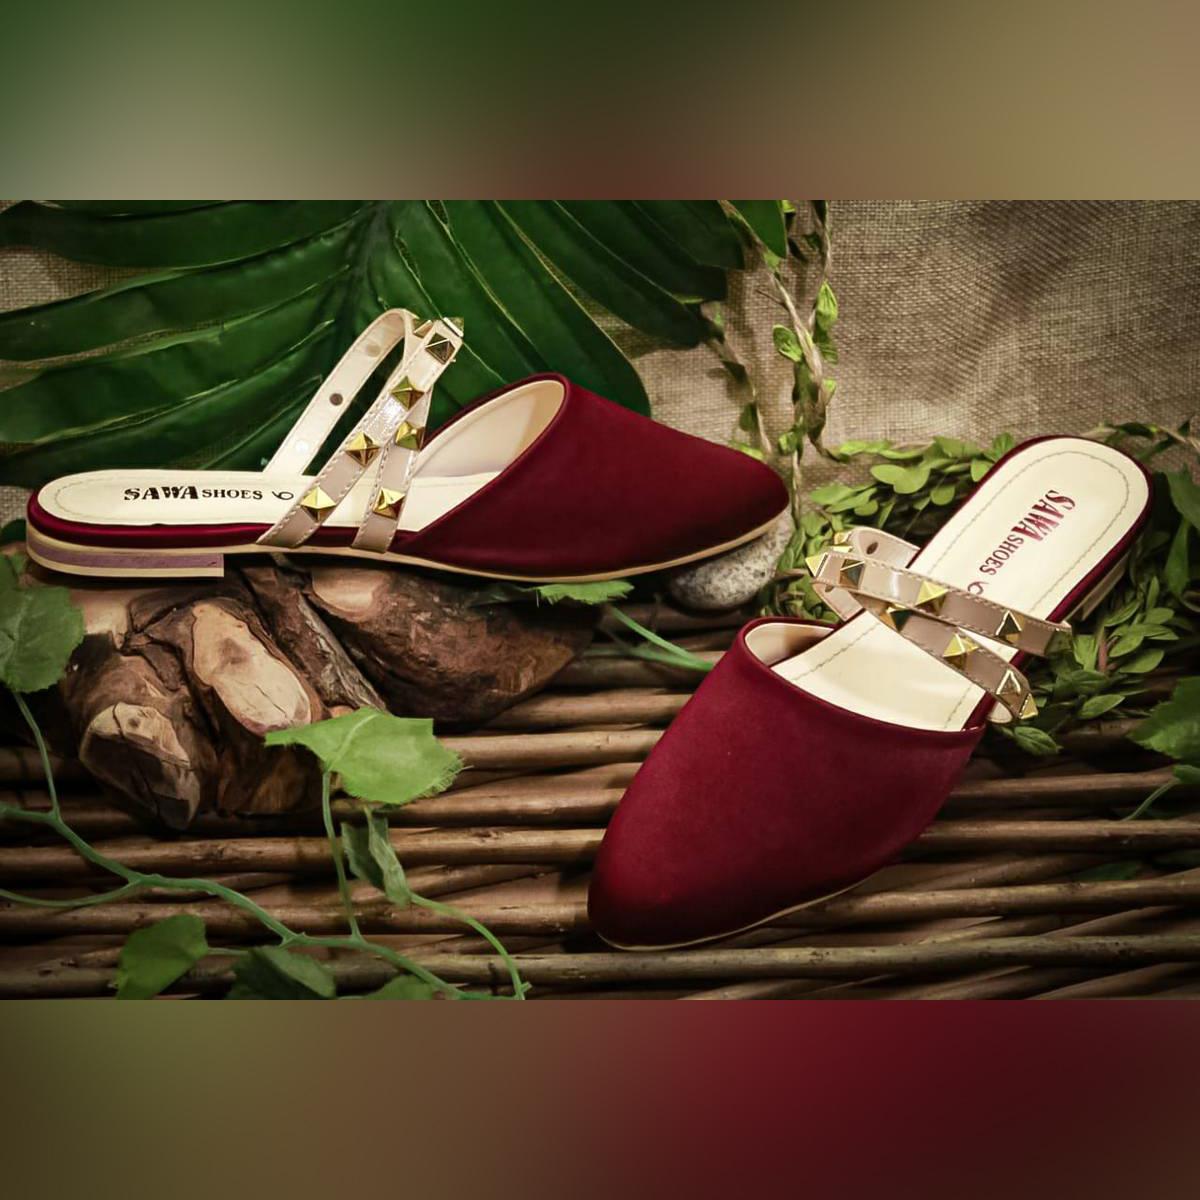 Pumps Shoes for Women - 907